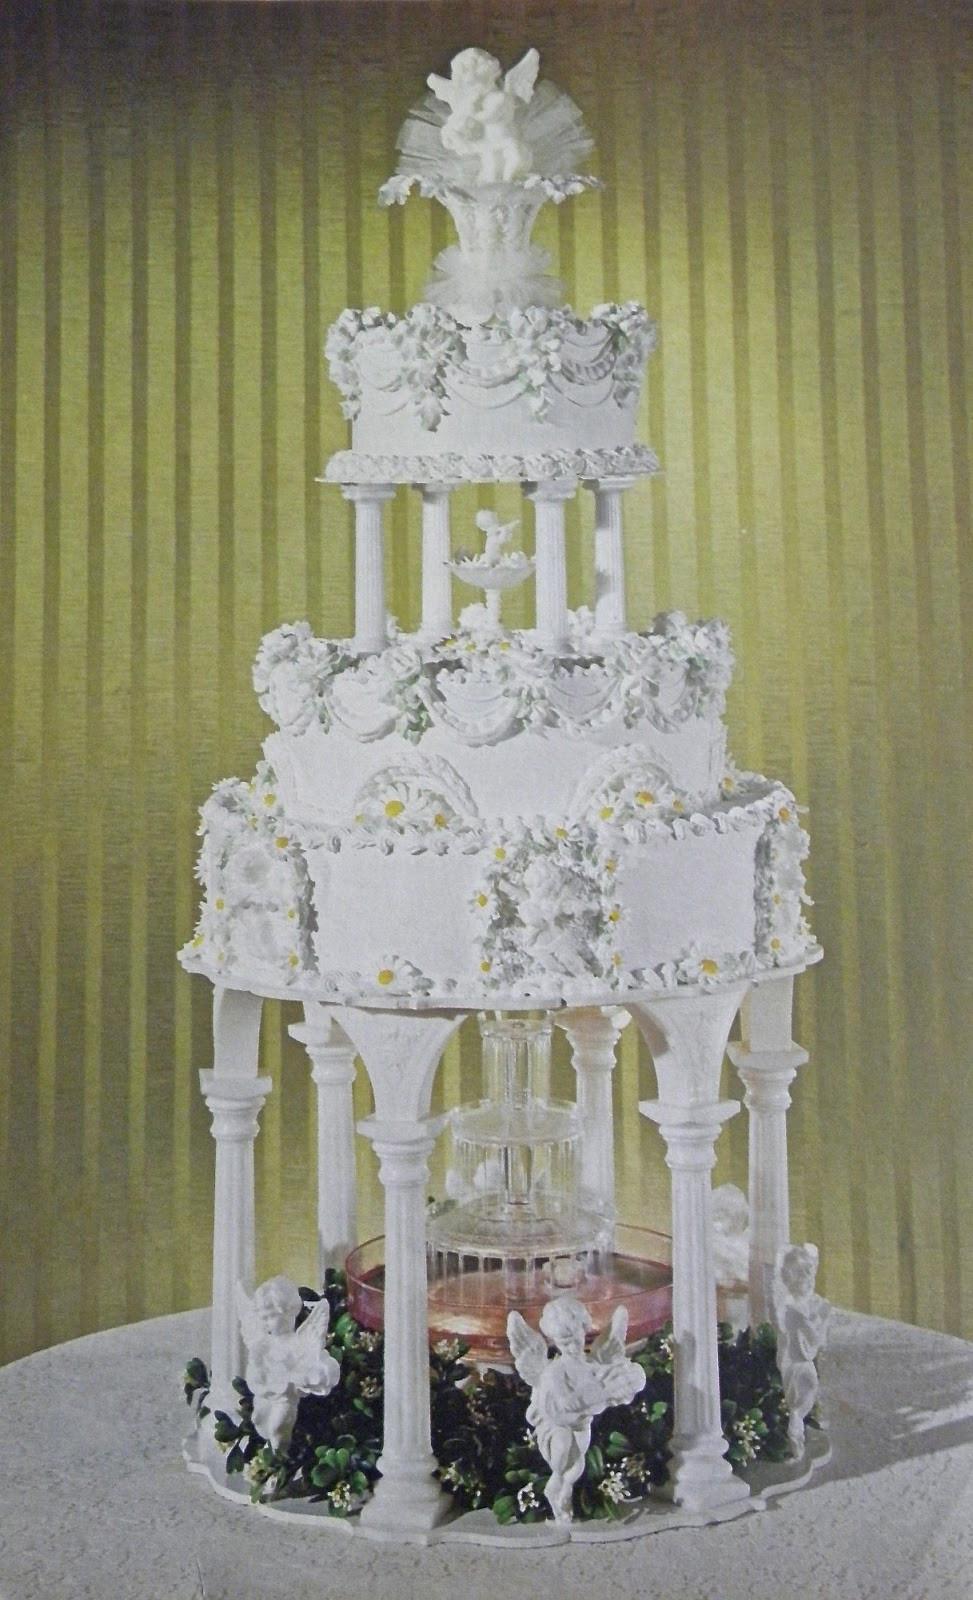 Wilton Wedding Cakes  Good Things by David Vintage Wilton Wedding Cakes